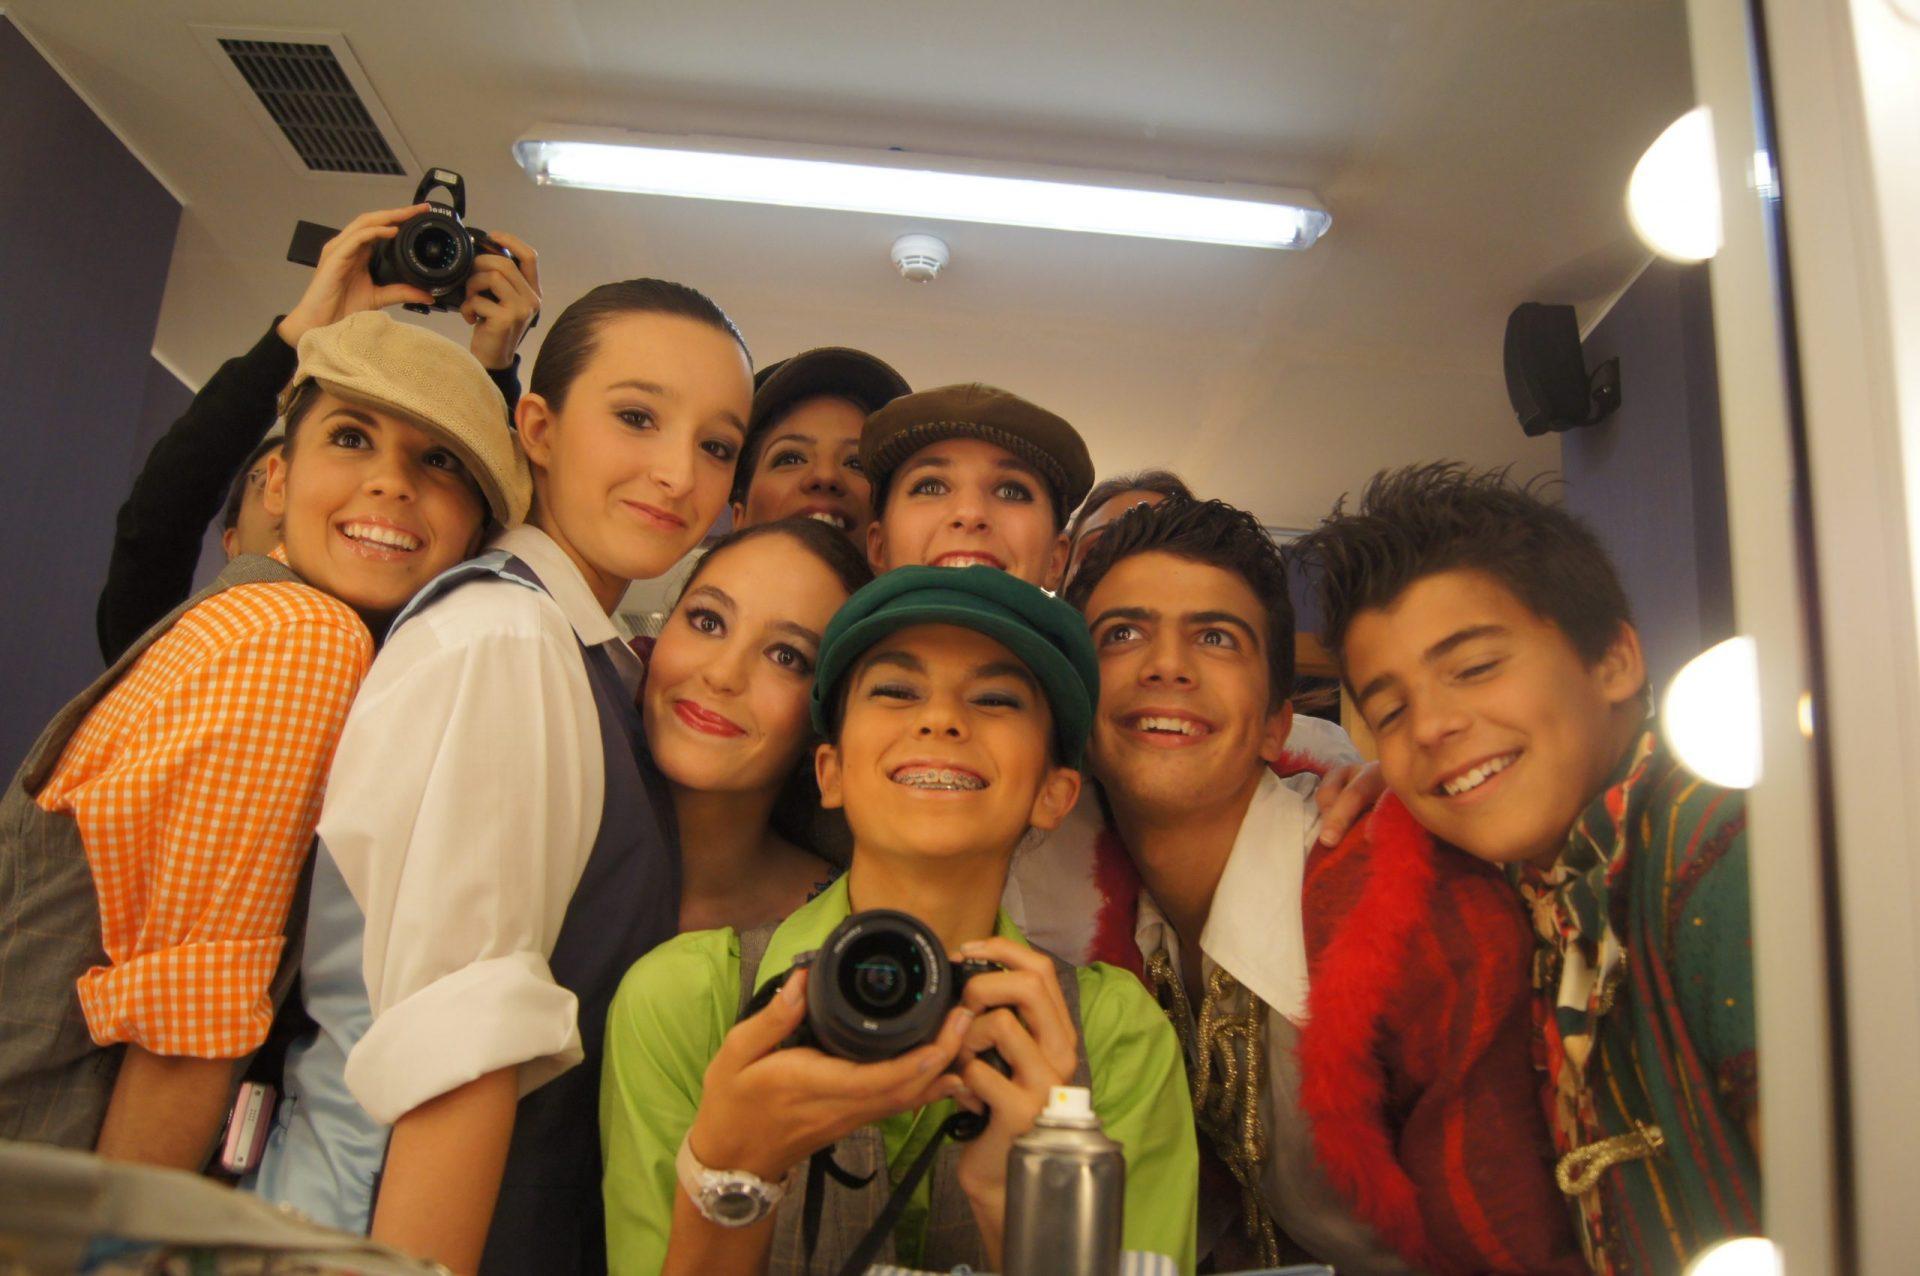 Foto del Centro de Danza Sandra Santa Cruz donde un grupo de alumno posa mirándose al espejocon una amplia sonrisa y la bailarina del centro lleva una cámara de fotos.